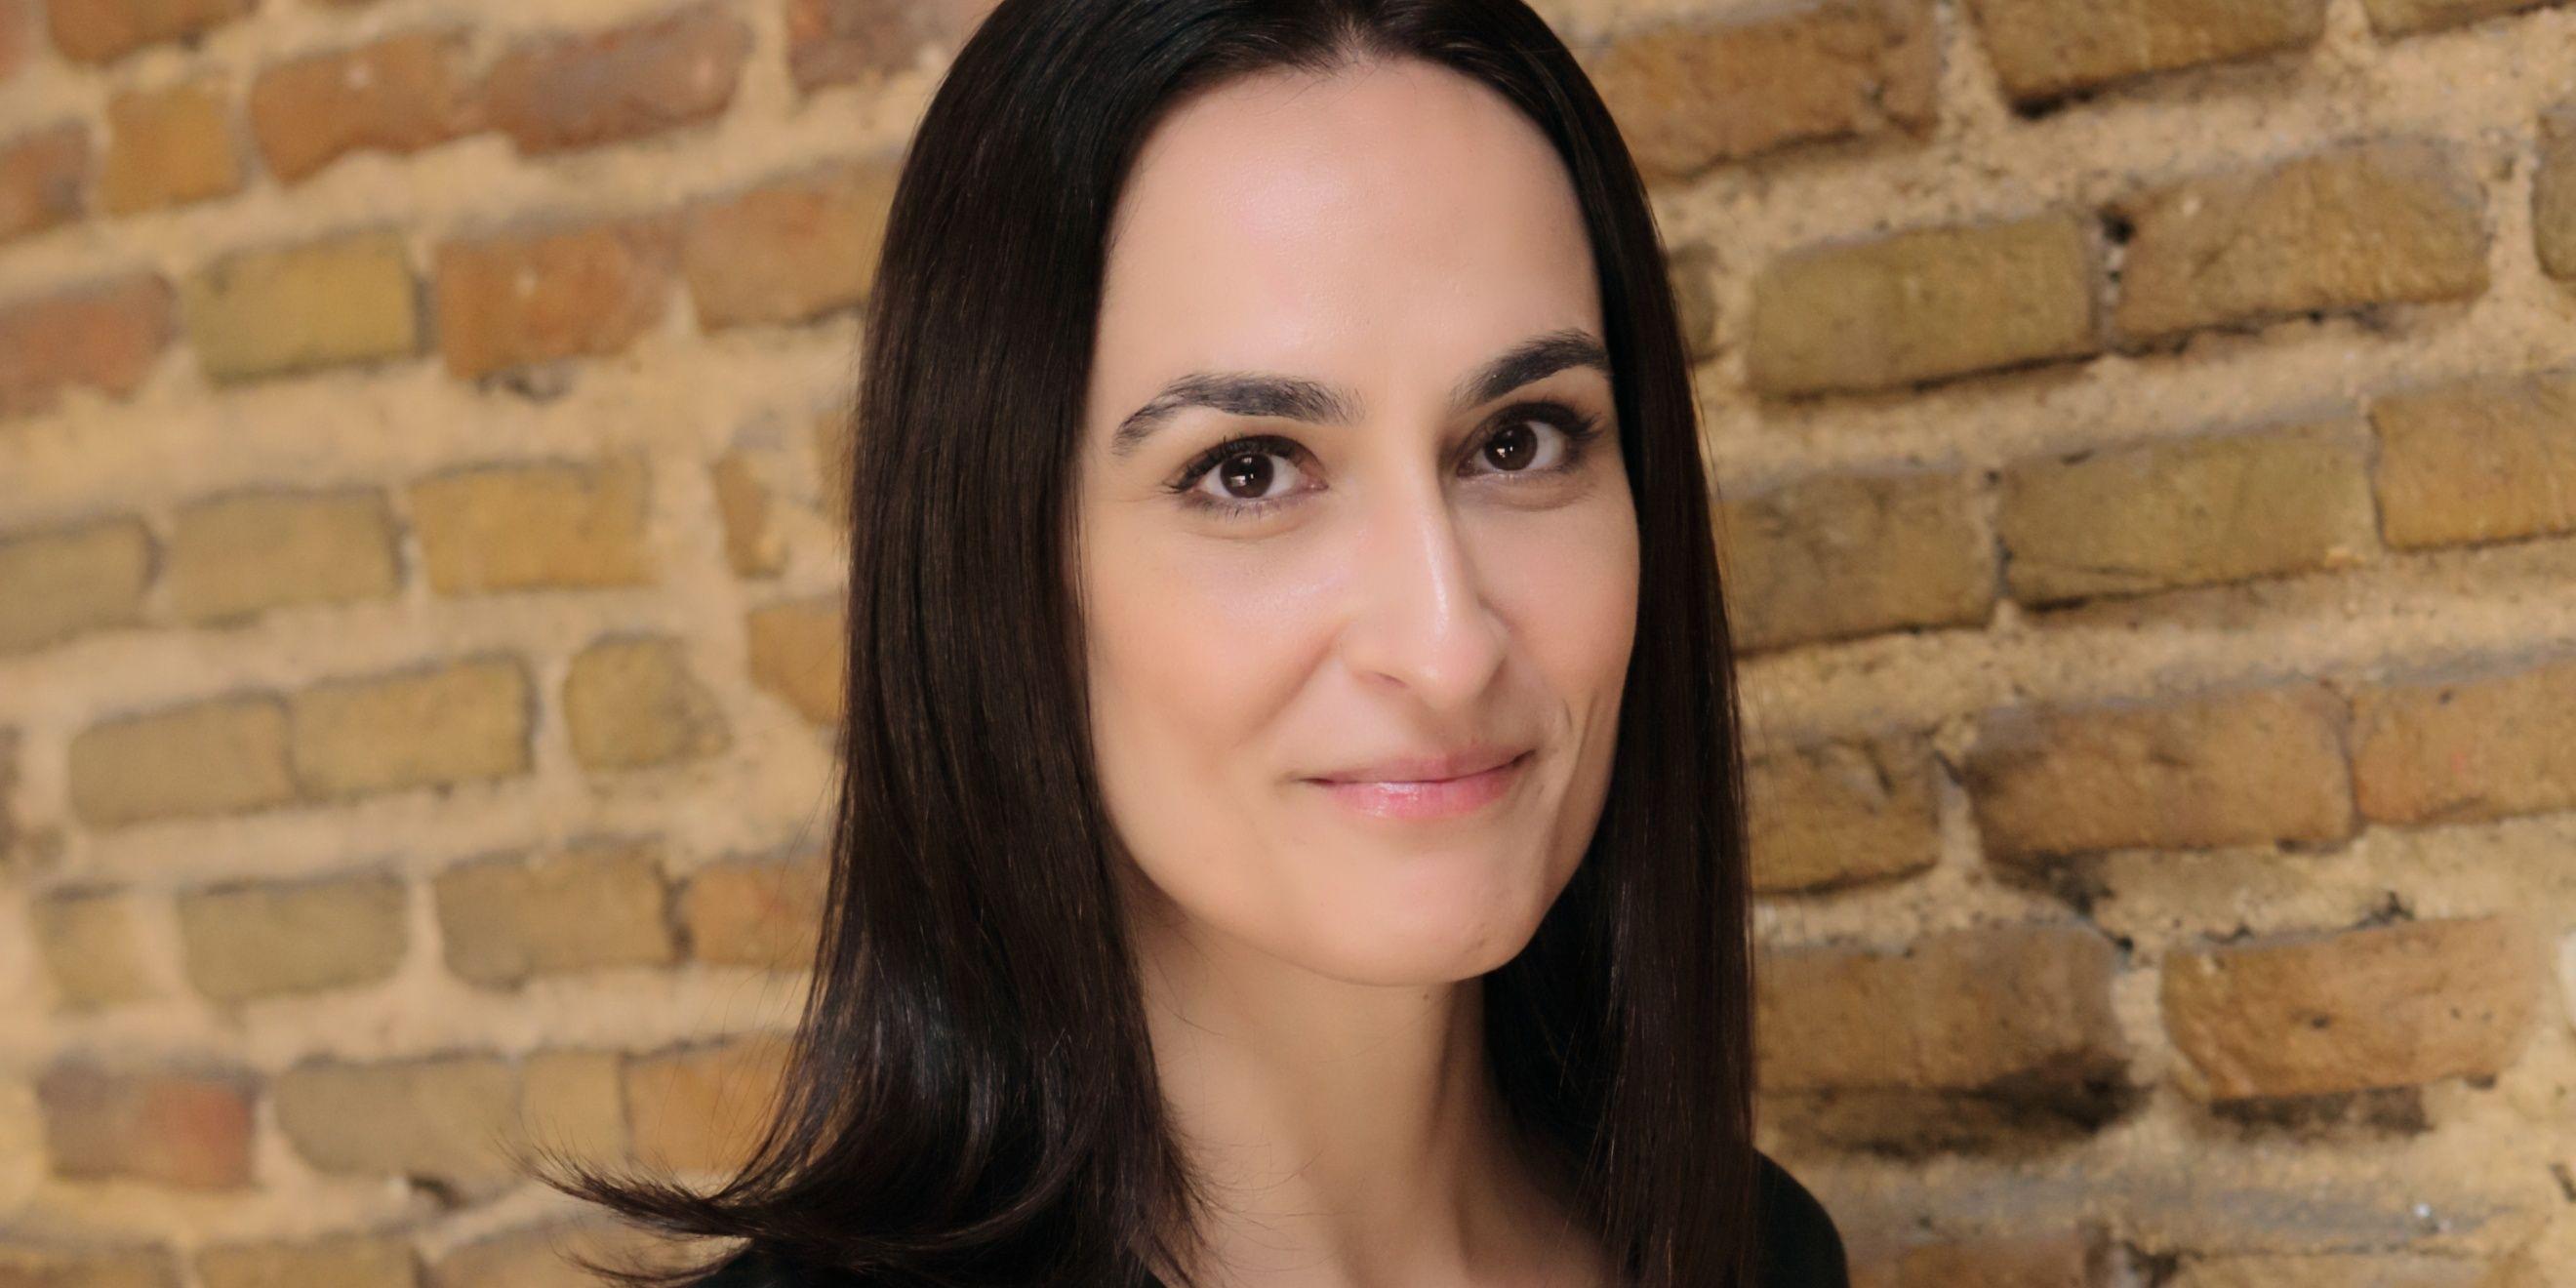 Liliana Nascimento, Portugal, participant in the GCLP 2017 edition